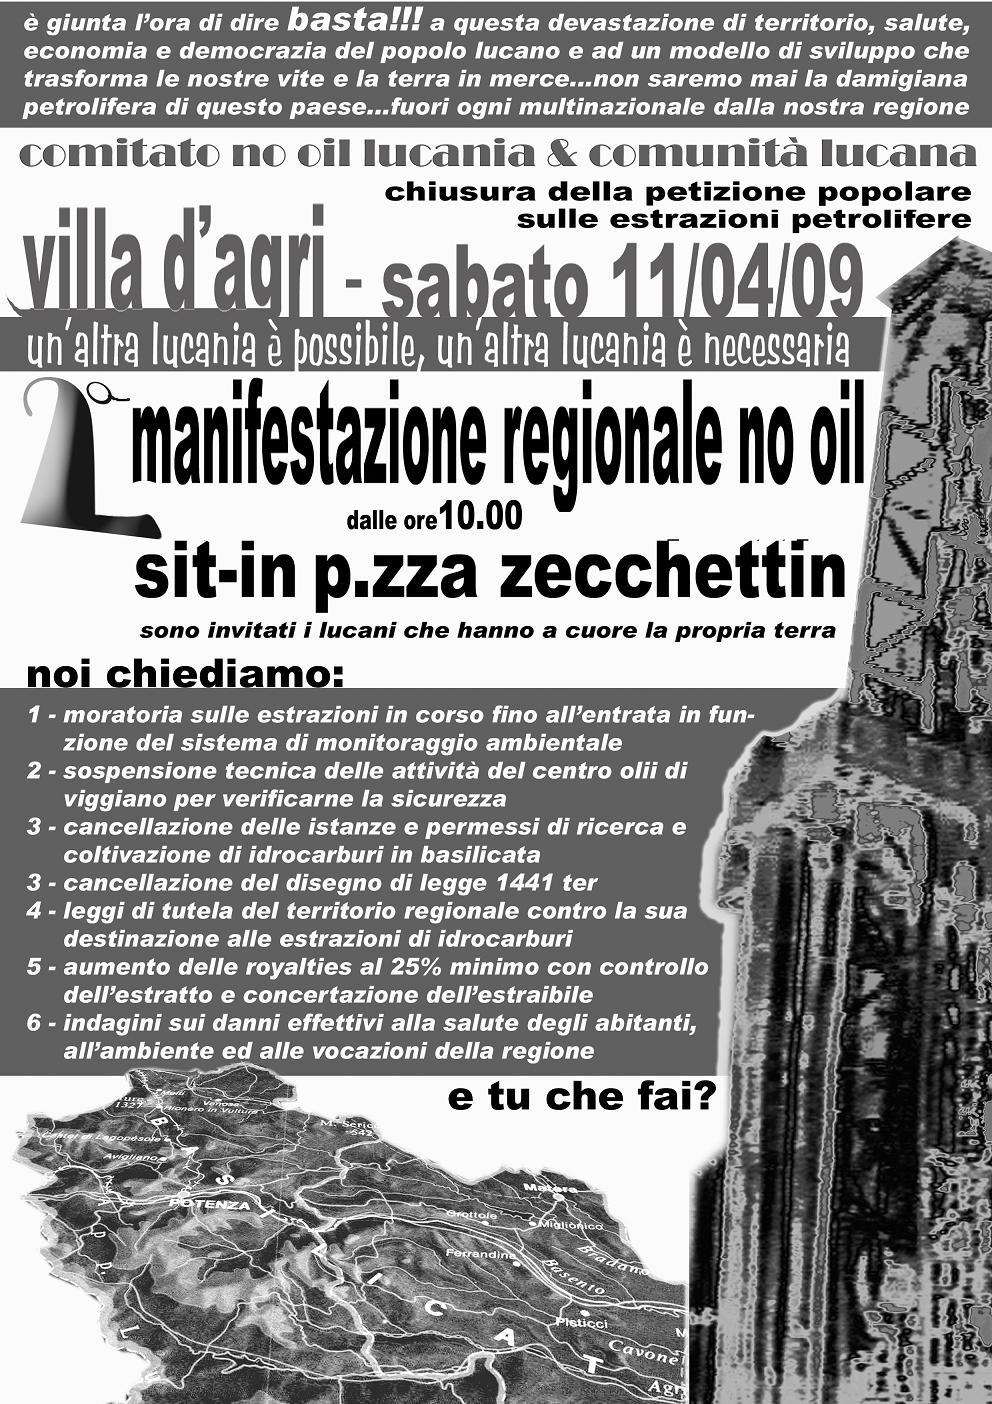 chiusura-petizione-villa-dagri-immagine-piccola.JPG